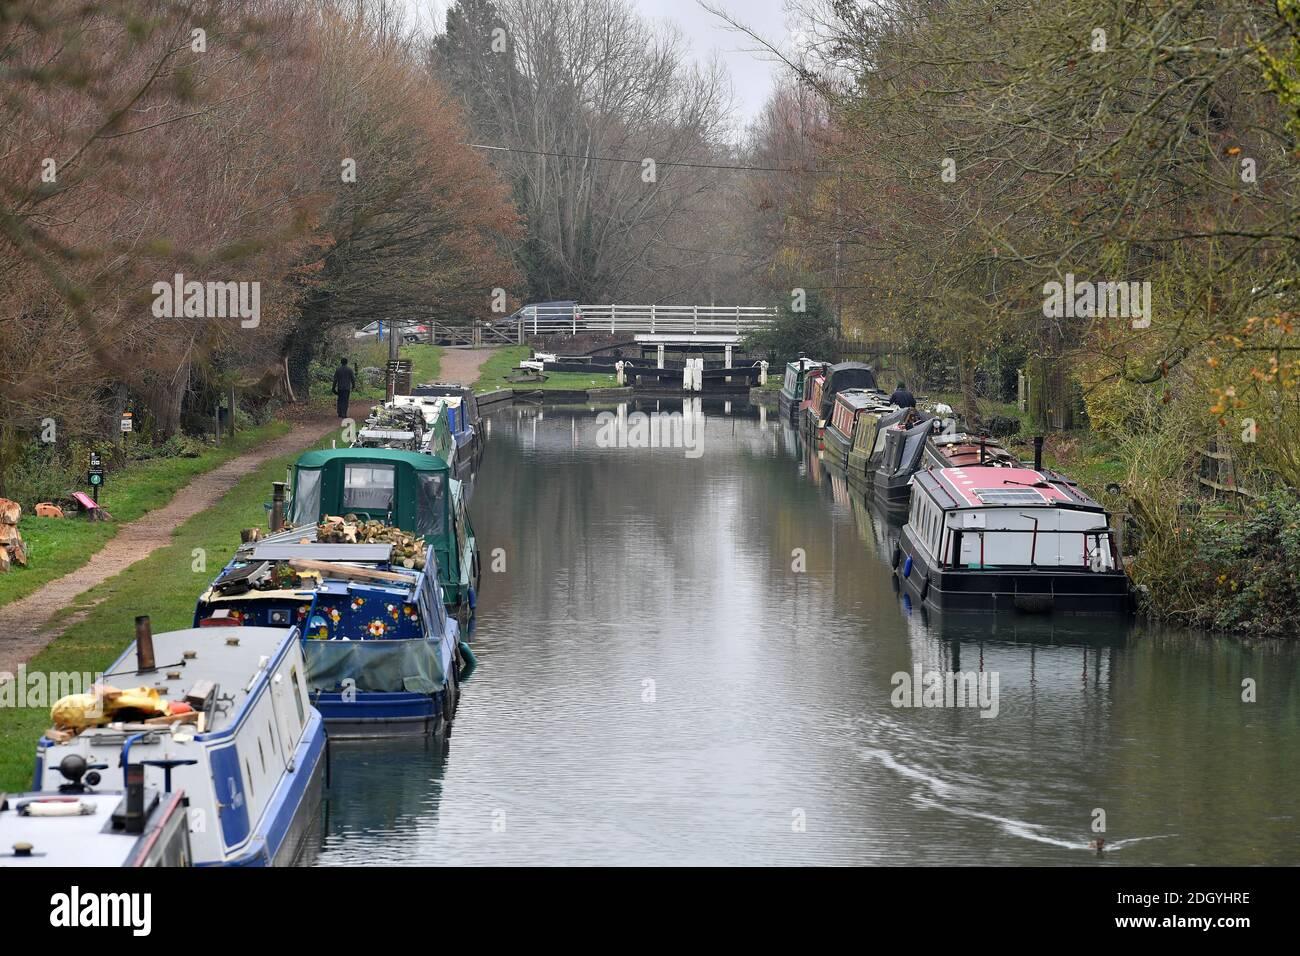 GV du village de Kintbury, près de Hungerford, Berkshire - River Kennett, mercredi 2 décembre 2020. Banque D'Images